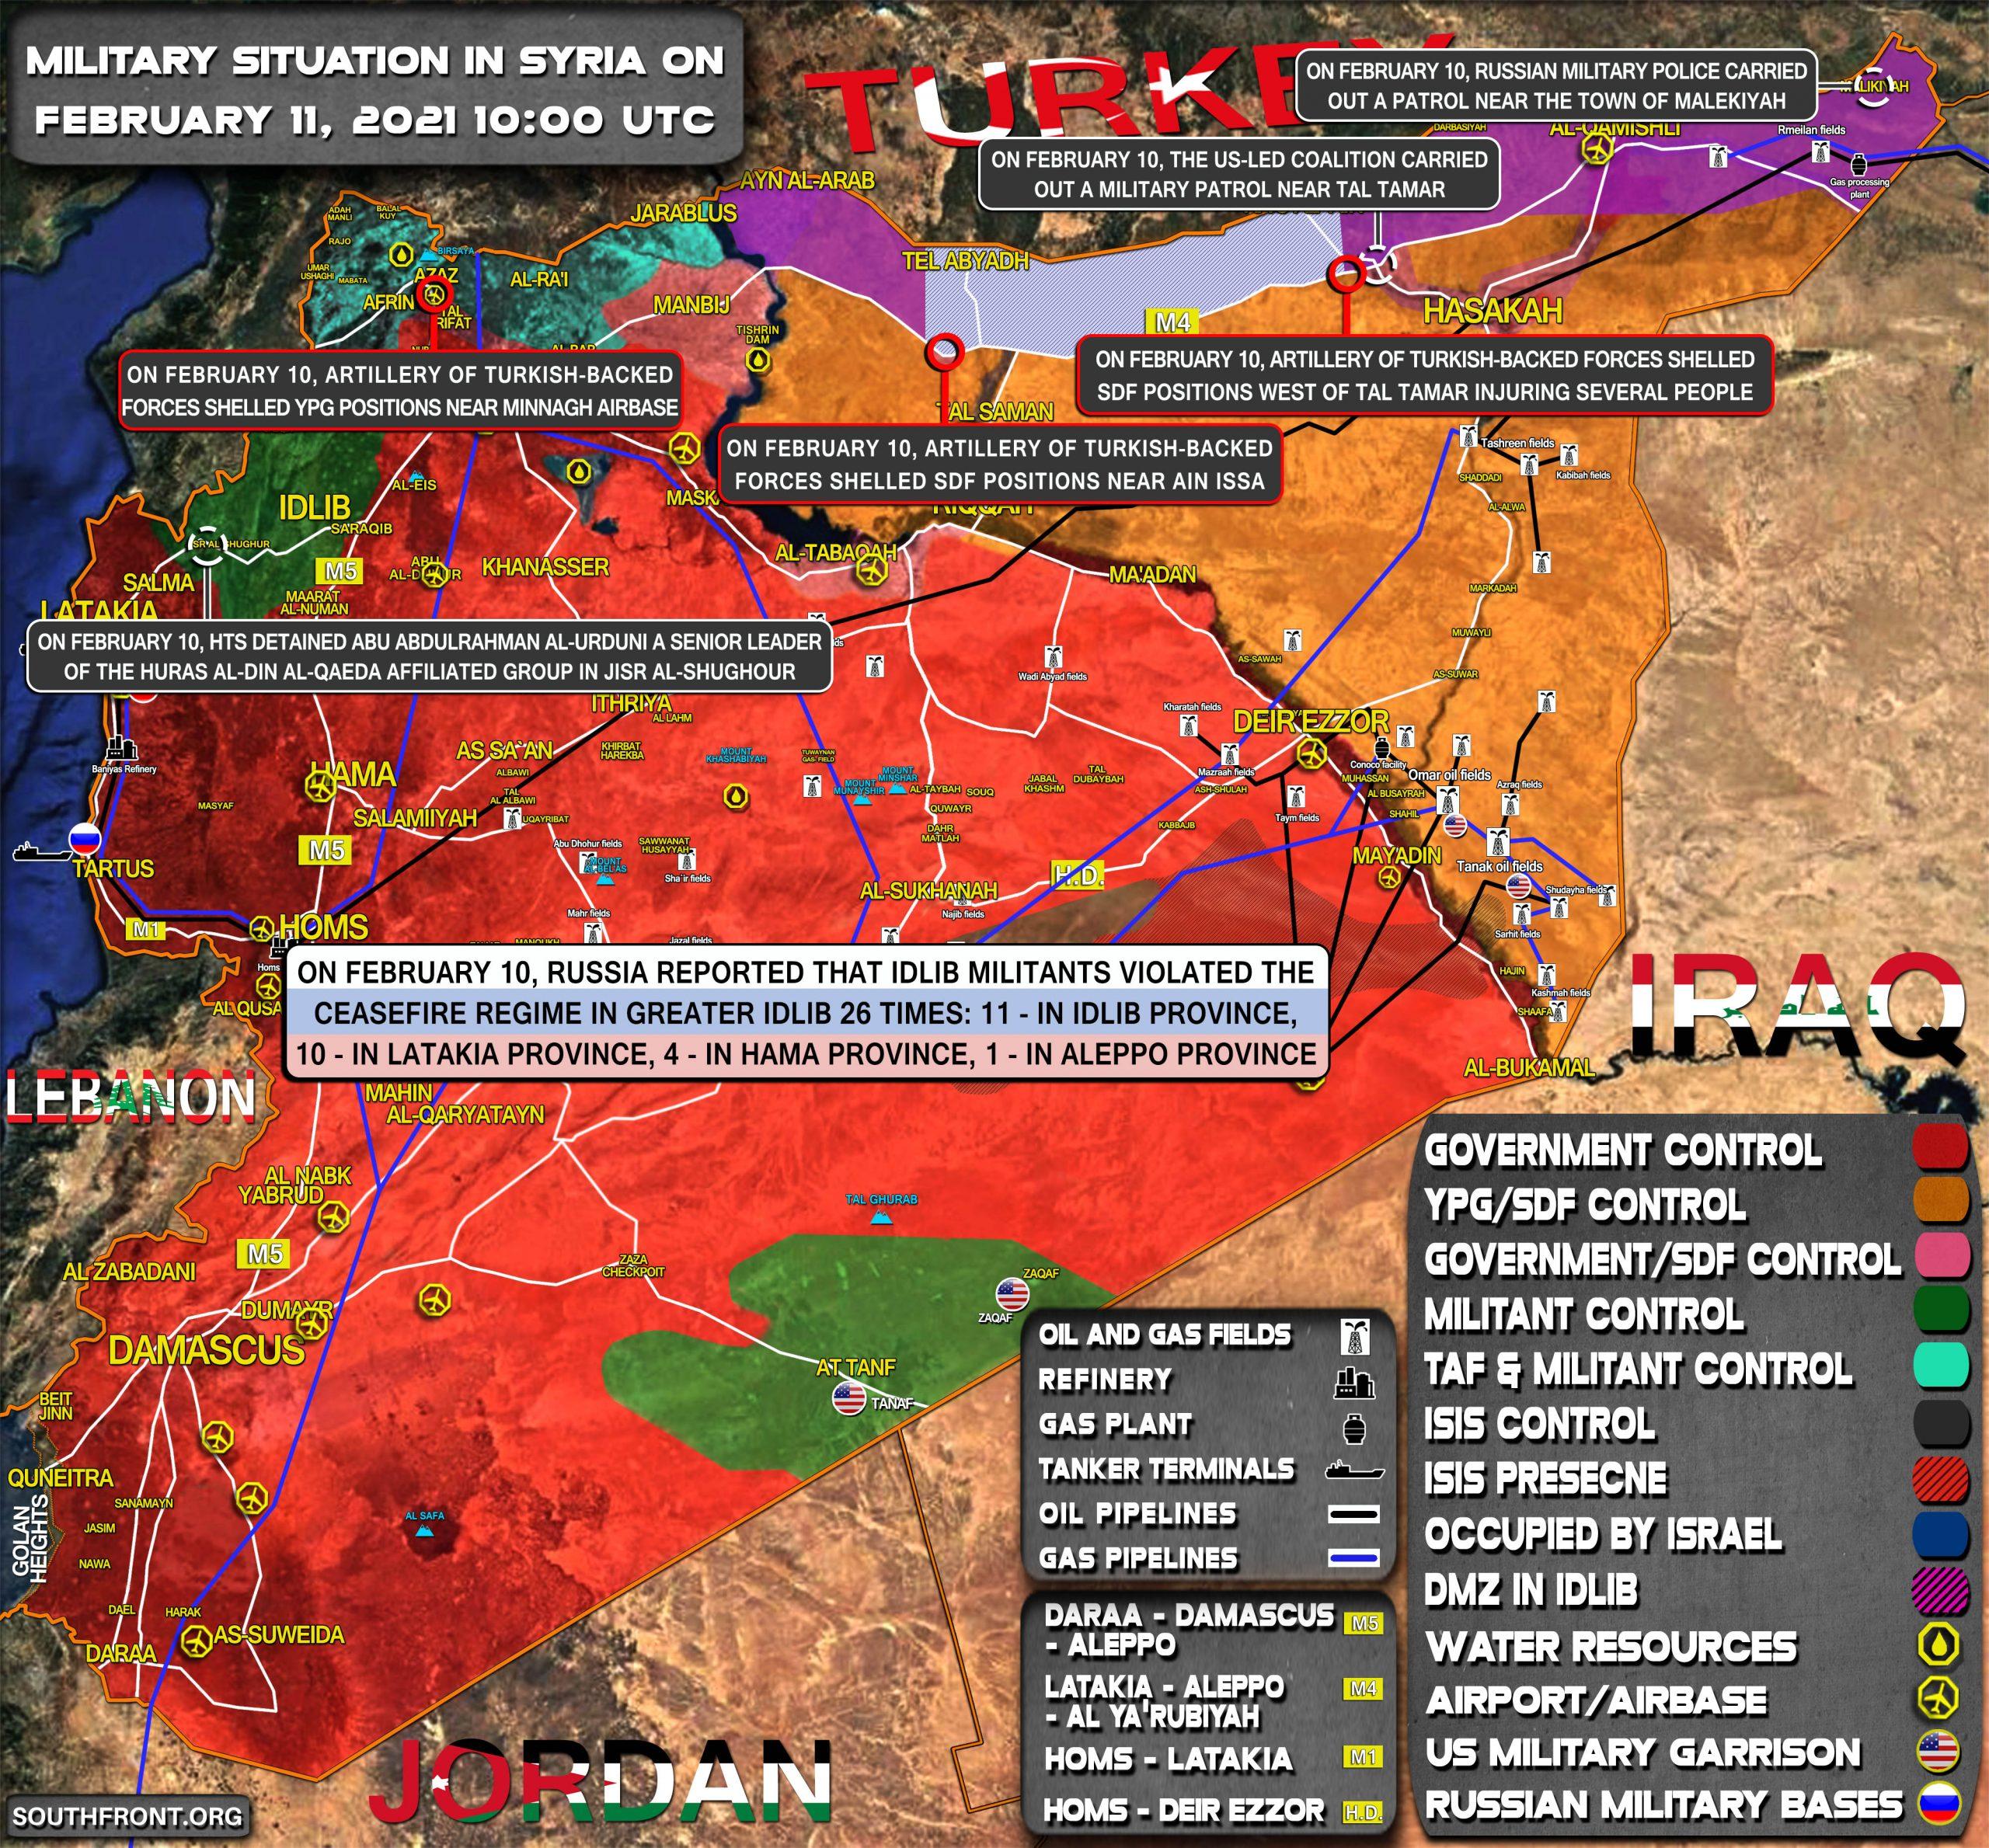 Situación militar en Siria el 11 de febrero de 2021 (actualización del mapa)